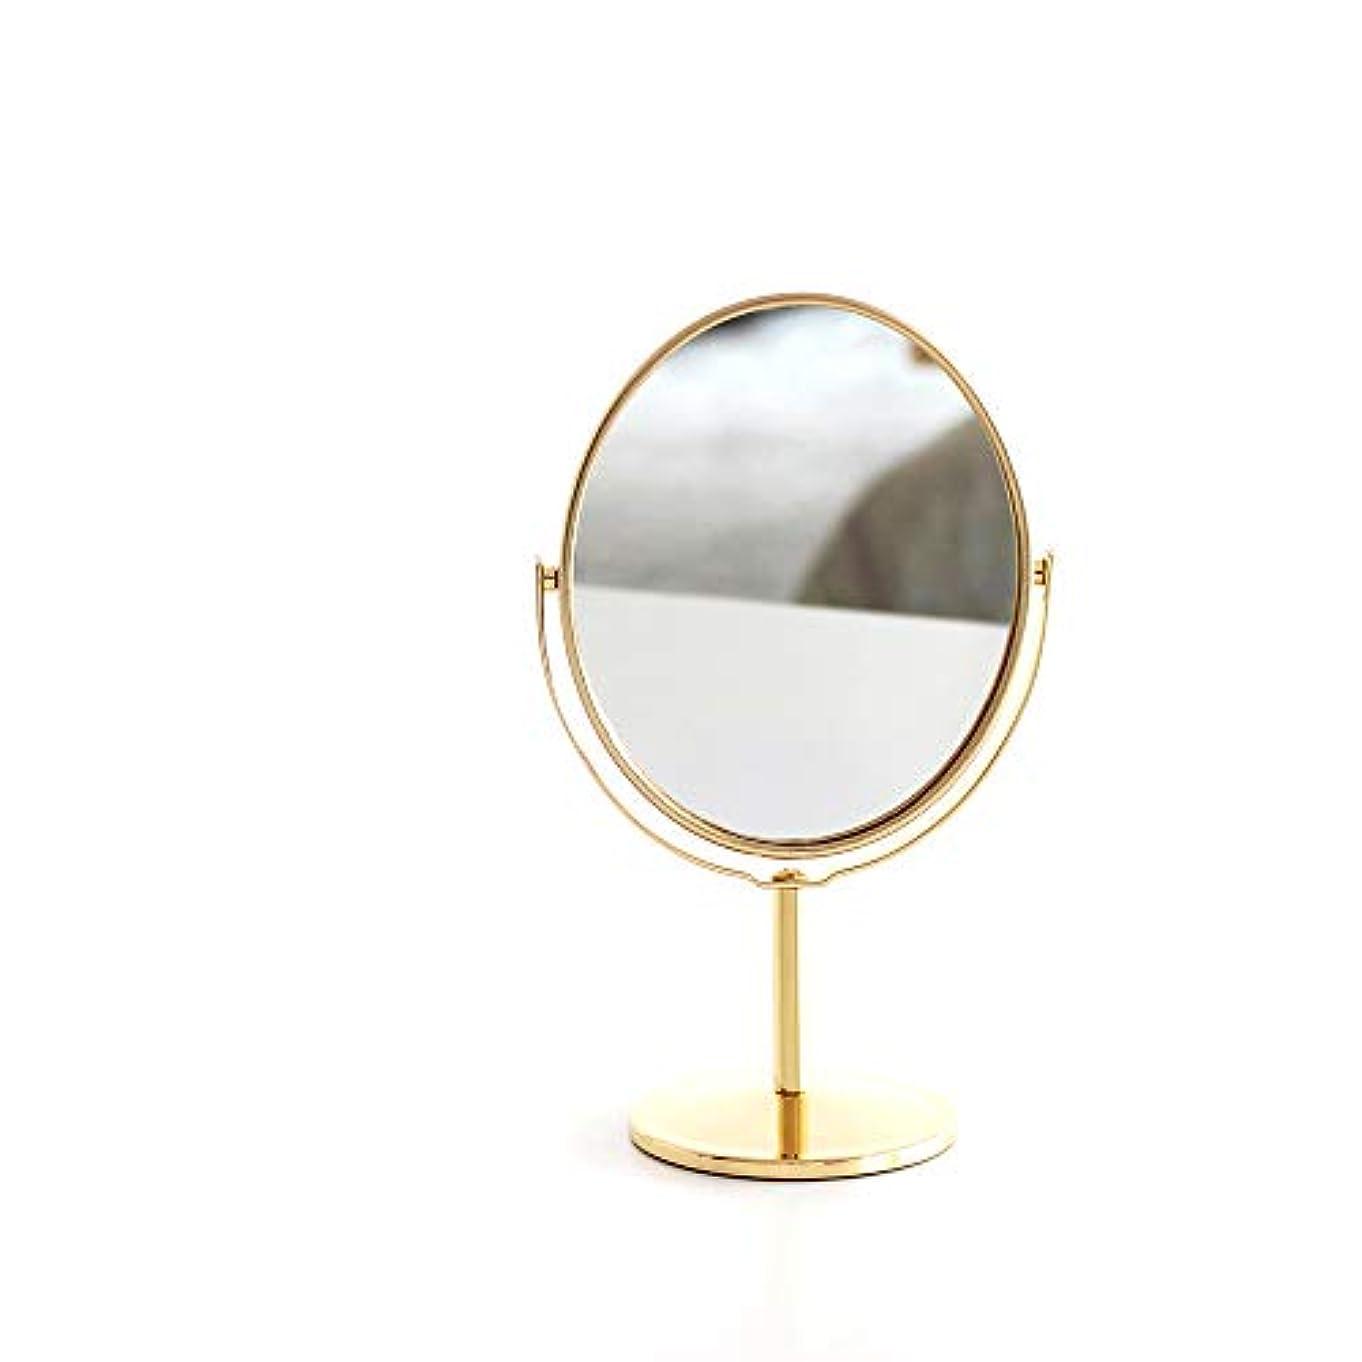 スポーツをする代わってうがい薬メタル両面卓上鏡 スタンドミラー 化粧鏡 拡大鏡付き 楕円ミラー 360度回転 コンパクトサイズ 10X12cm (ゴールド)